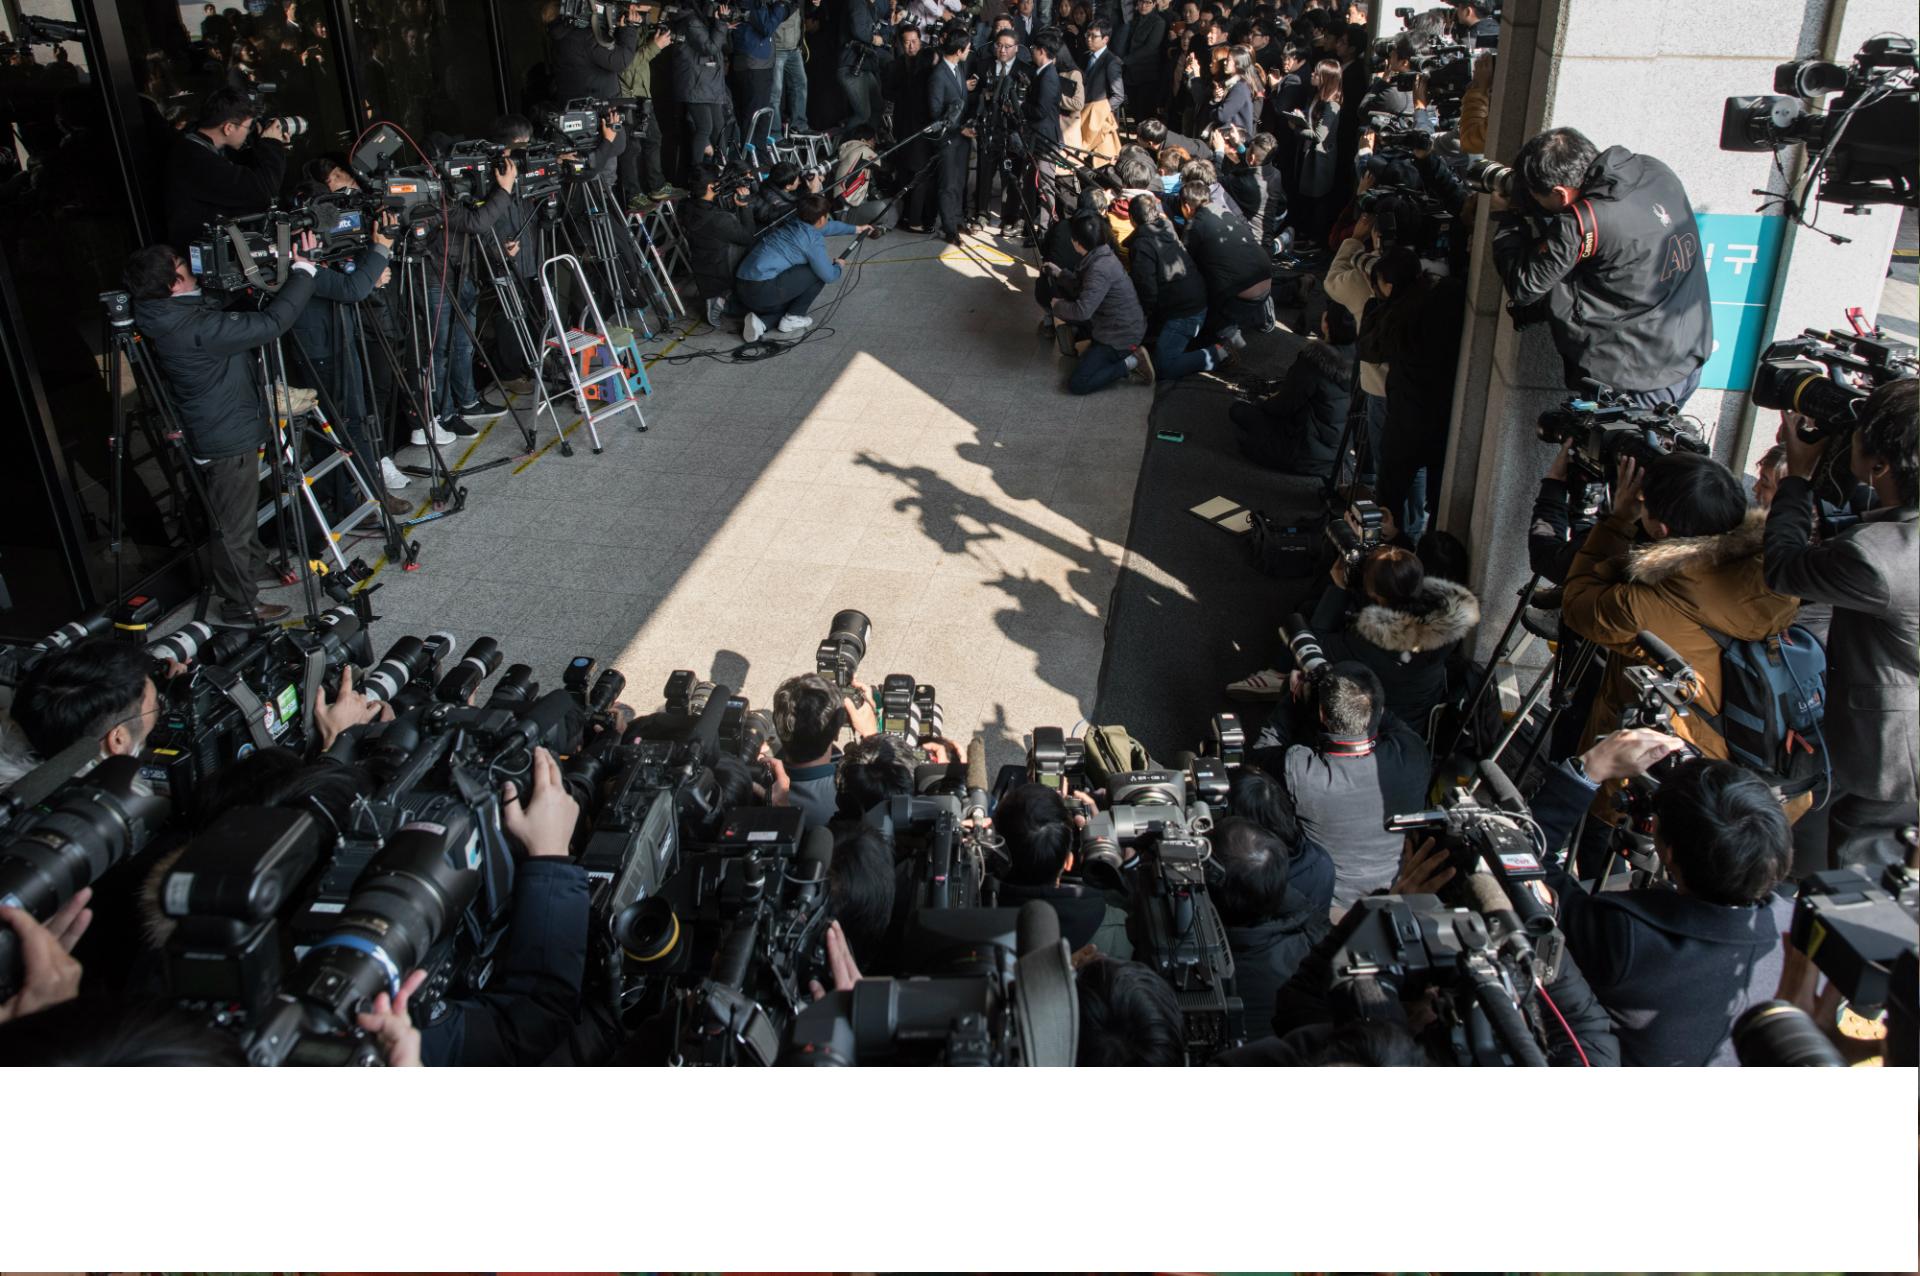 Proiectul de lege sud-coreean împotriva fake news stârnește îngrijorare în rândul corespondenților străini